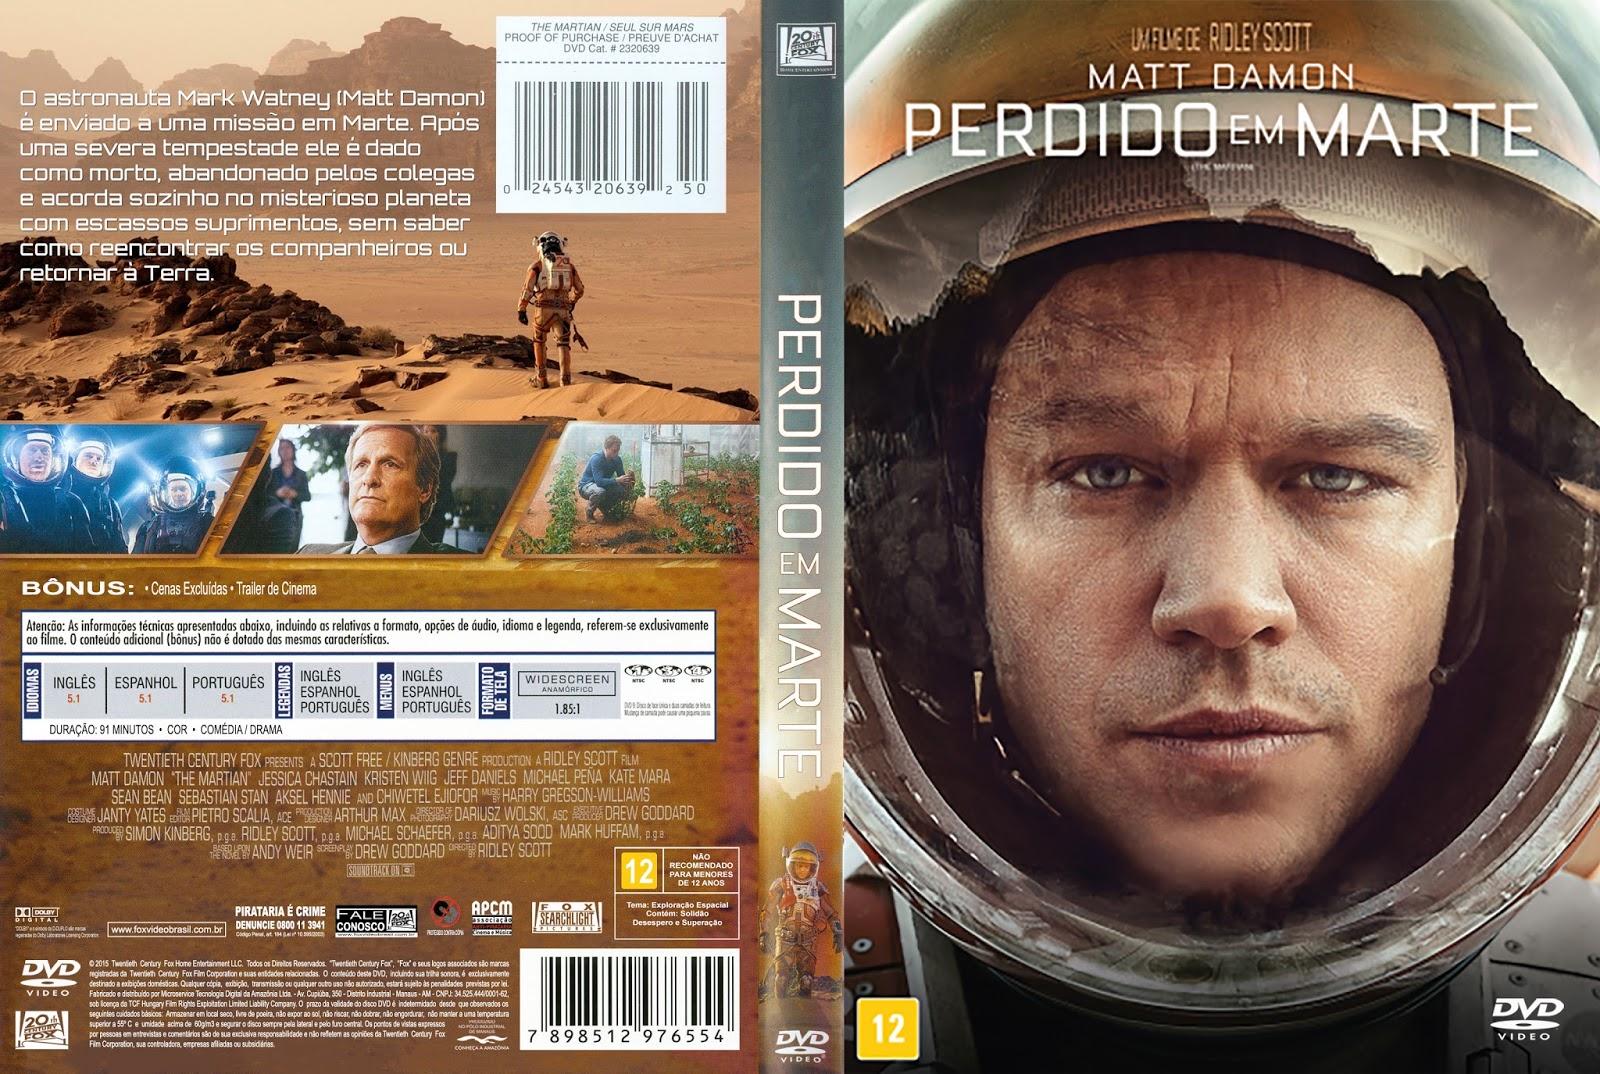 Download Perdido em Marte DVD-R Perdido 2Bem 2BMarte 2BDVD R 2BXANDAODOWNLOAD